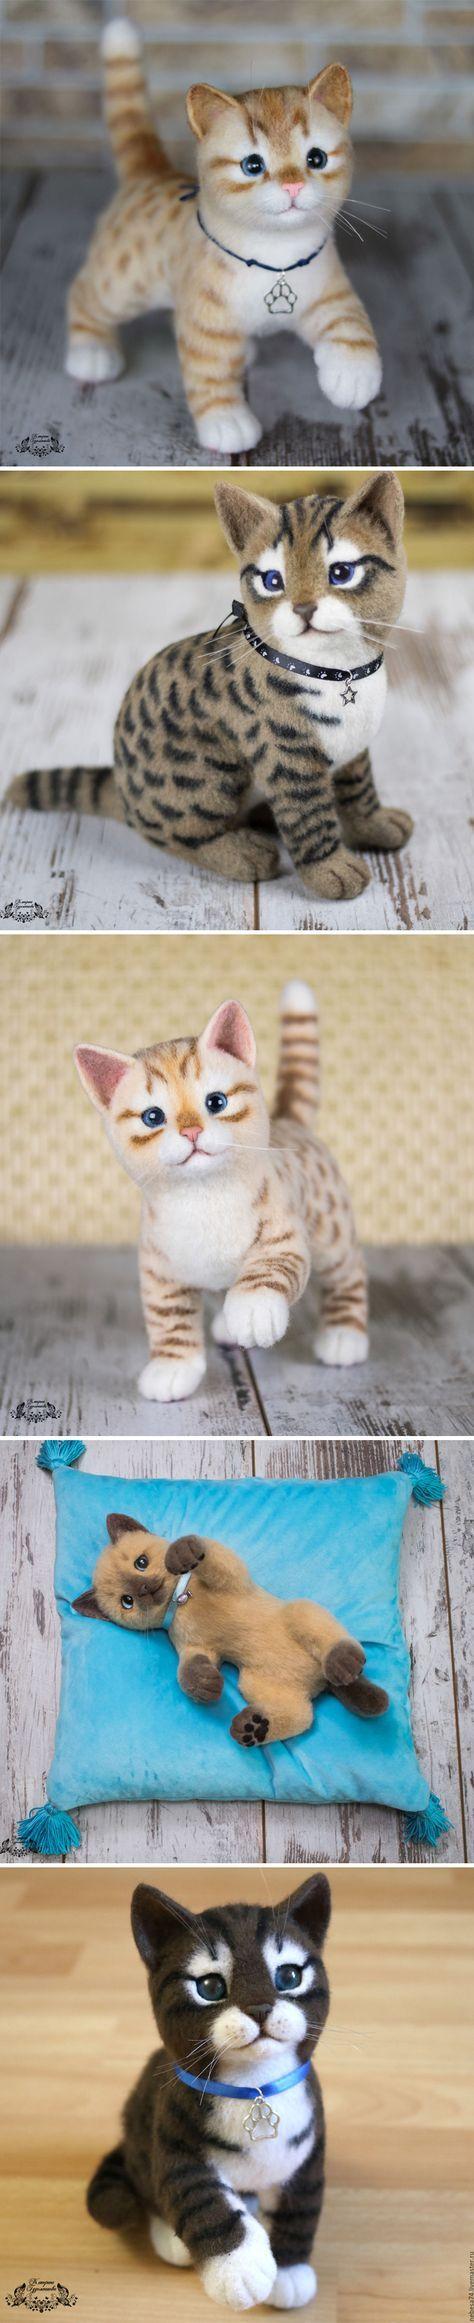 Adorable Felted Kittens | Очаровательные валяные котята — Купить, заказать, кот, кошка, котенок, валяный, валяние